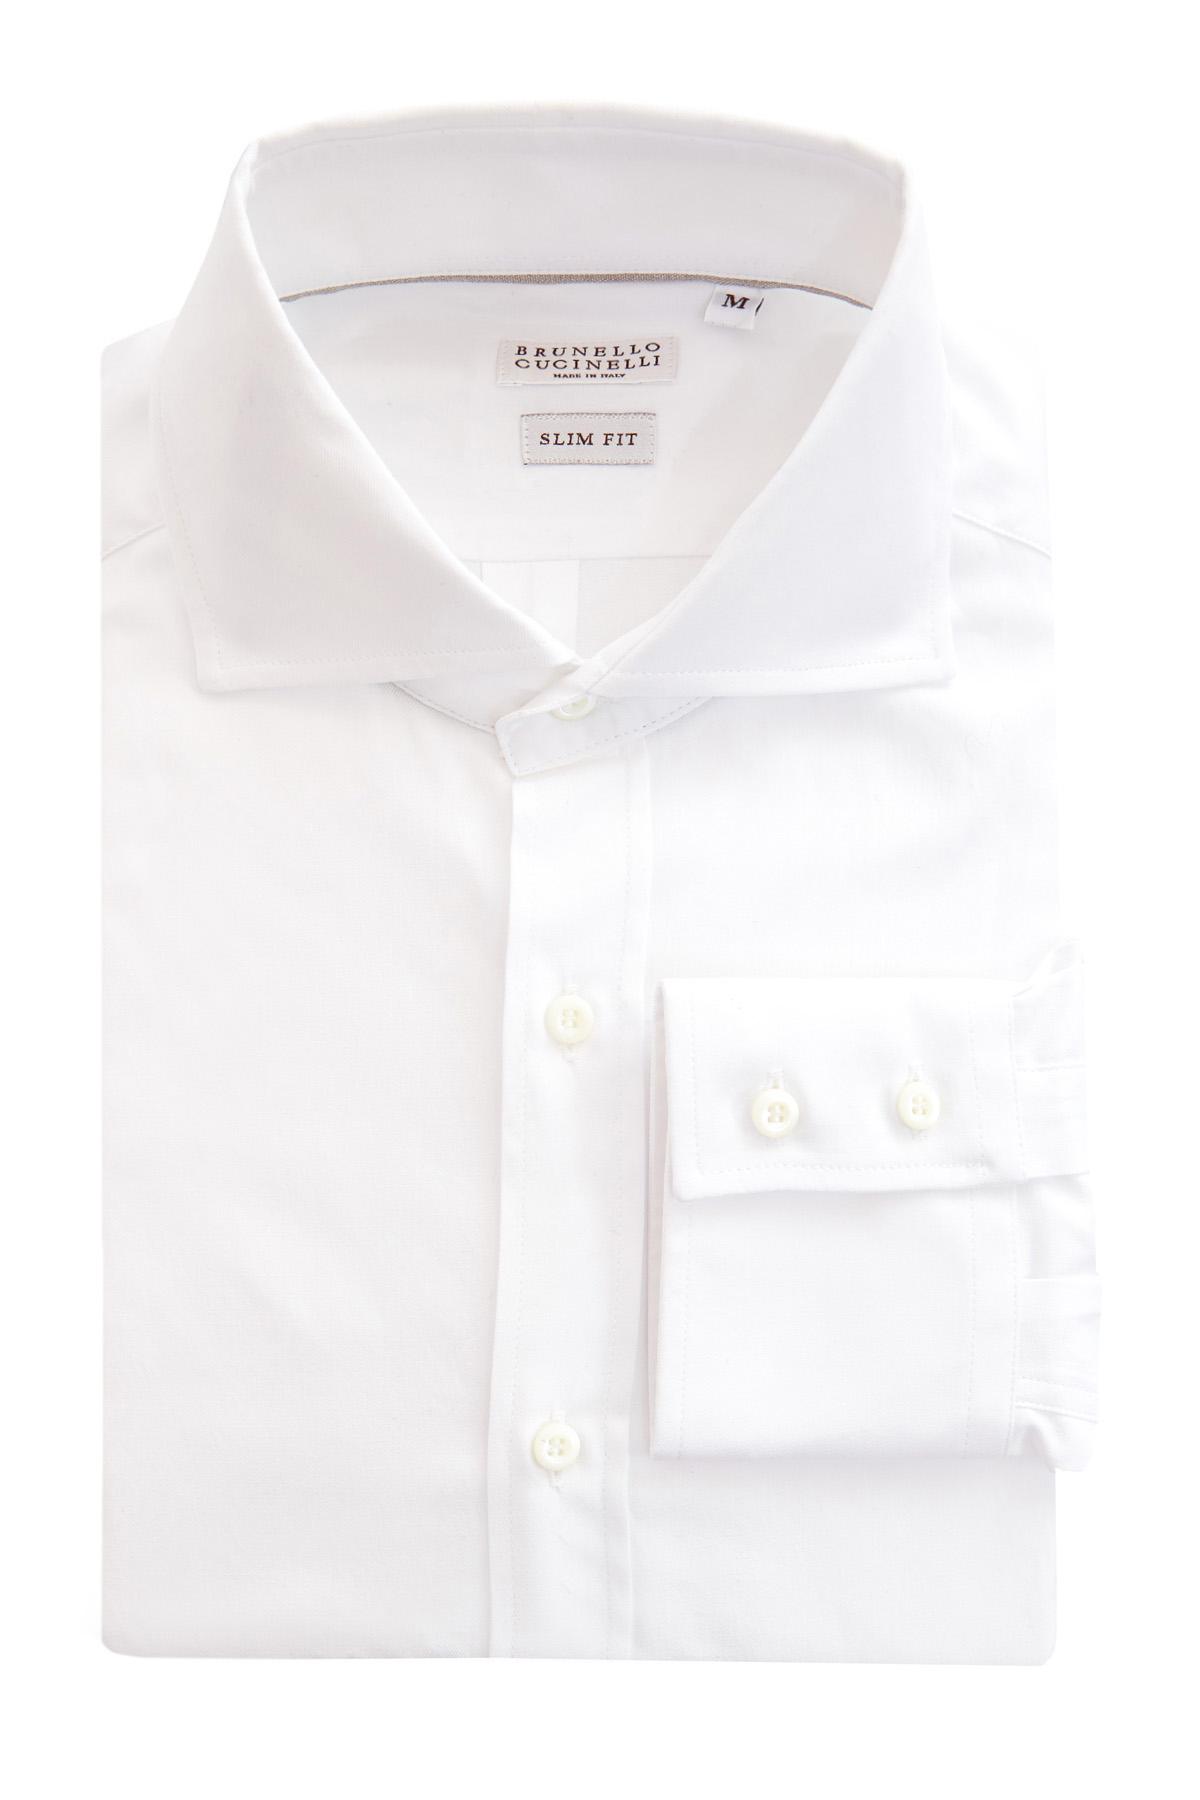 Купить Рубашка приталенного кроя с французским отложным воротником, BRUNELLO CUCINELLI, Италия, хлопок 100%